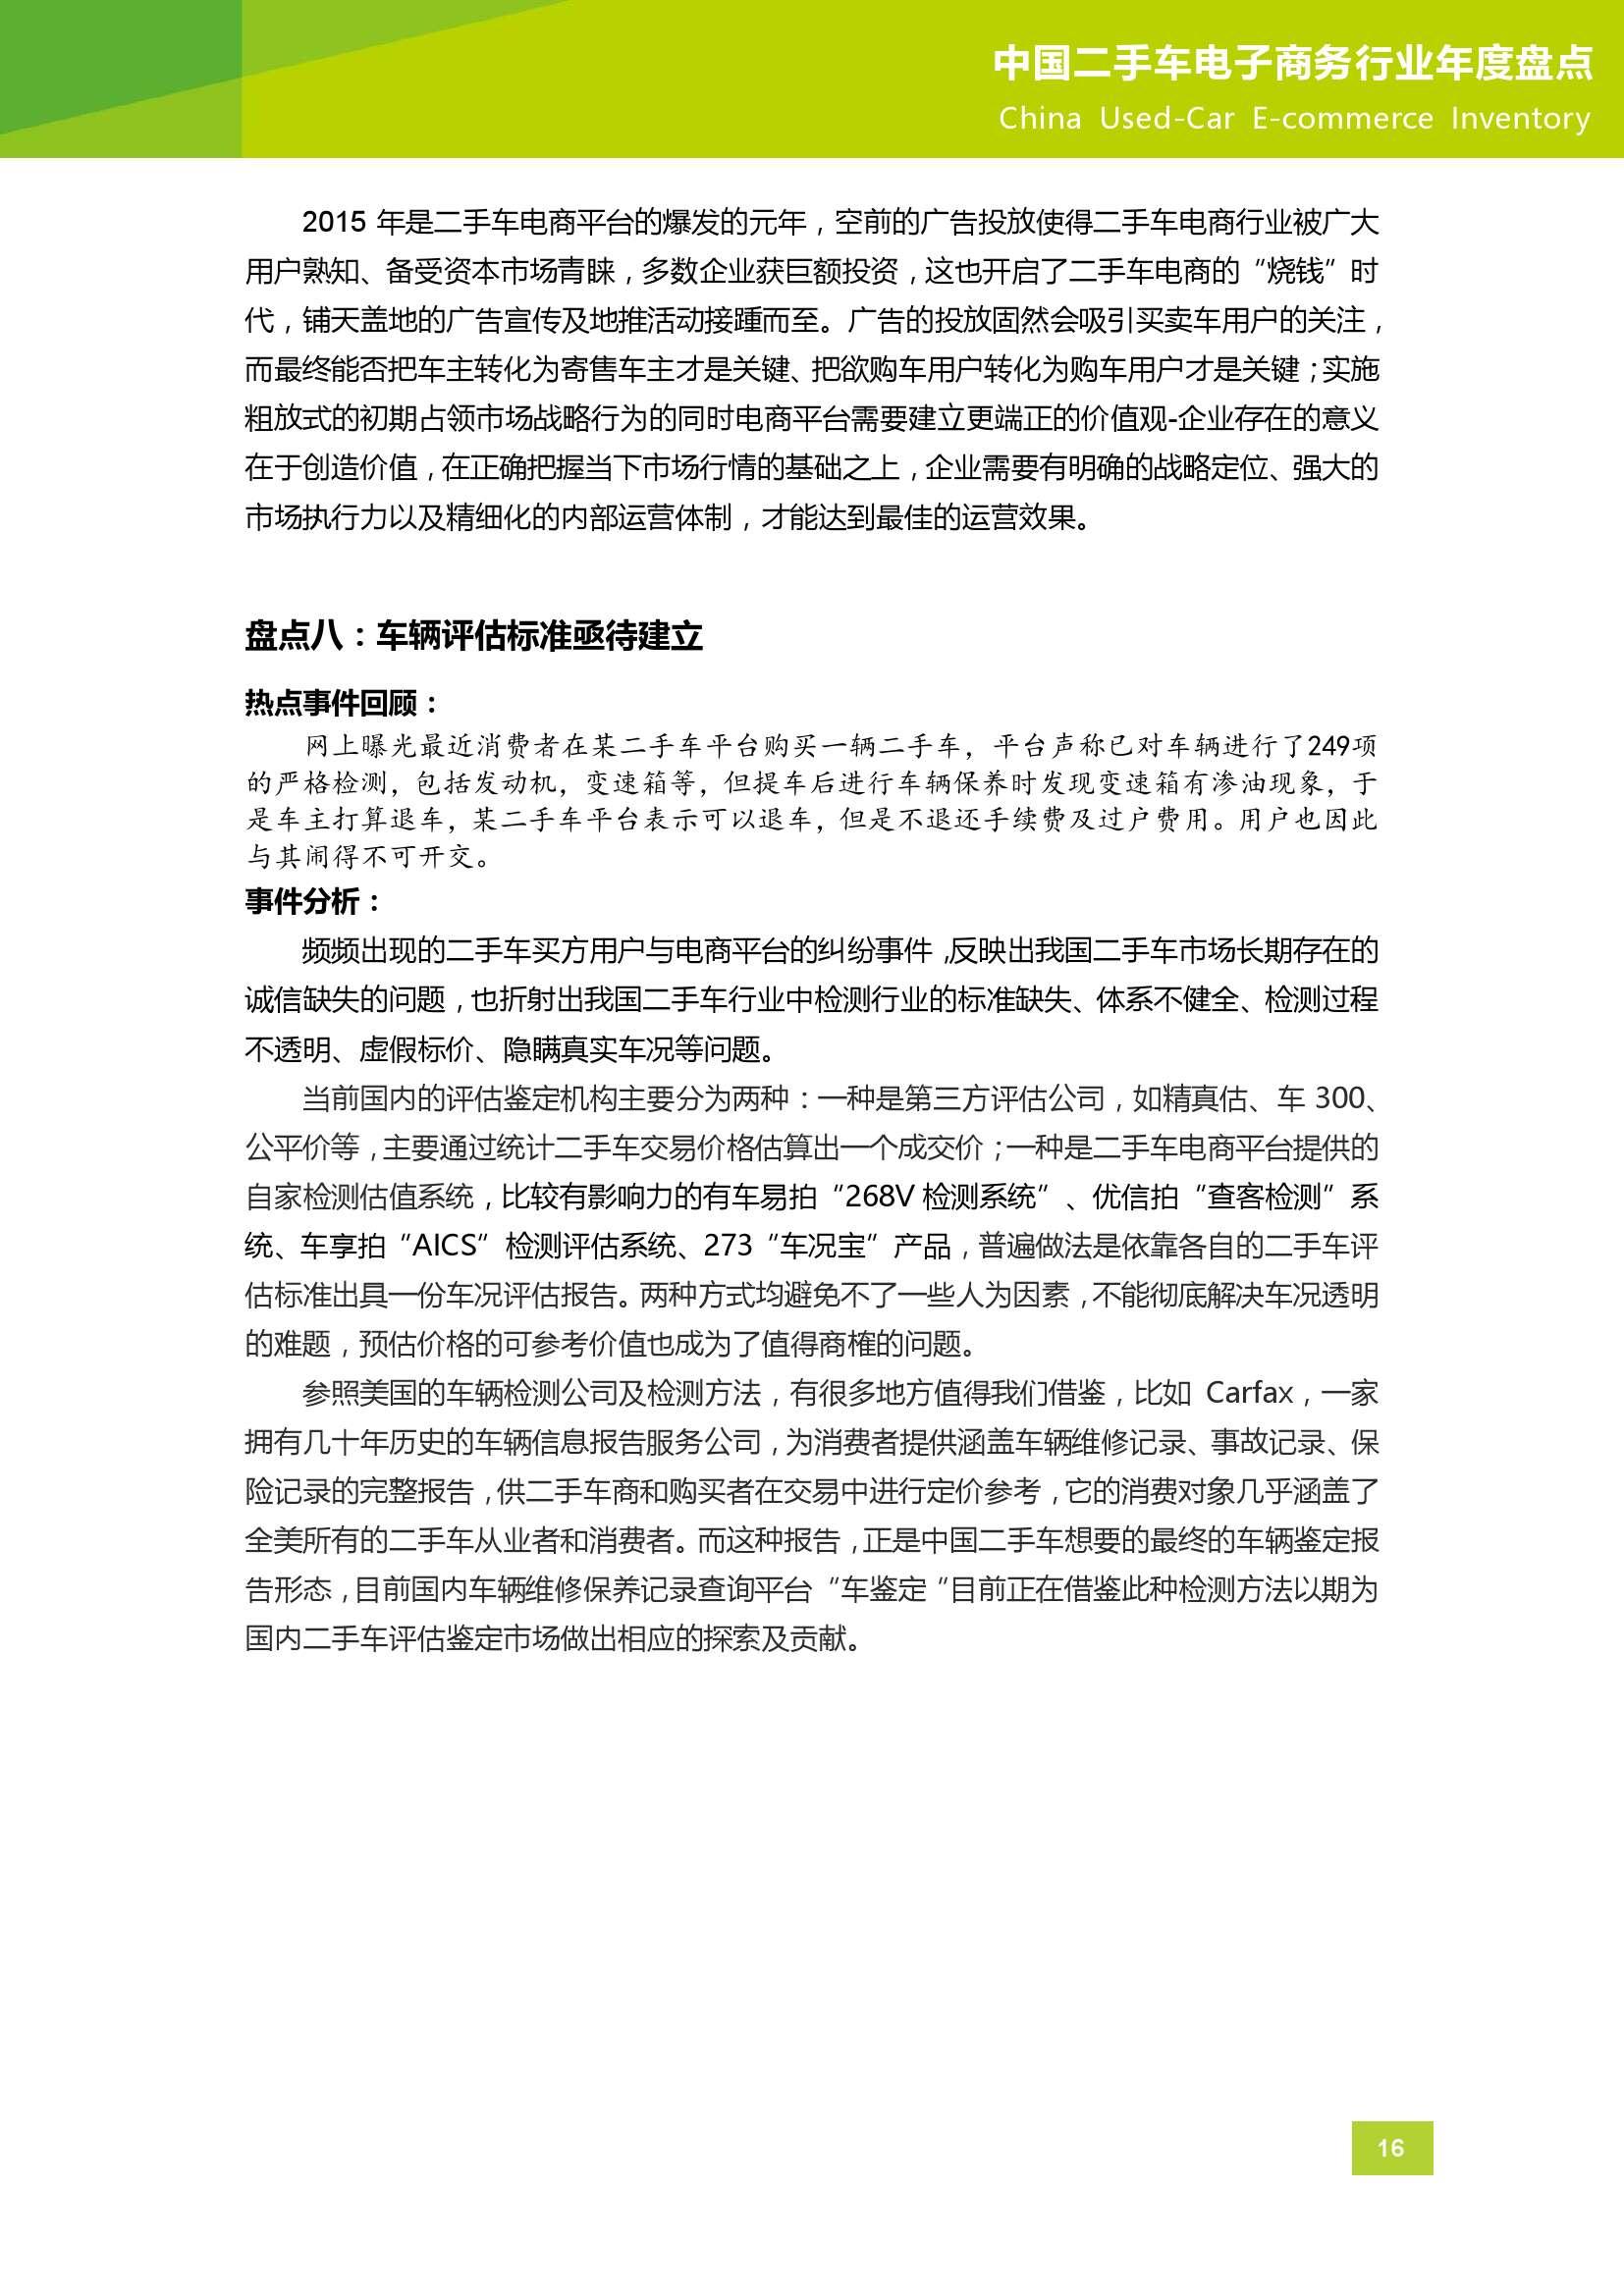 2015年中国二手车电子商务行业年度盘点_000017